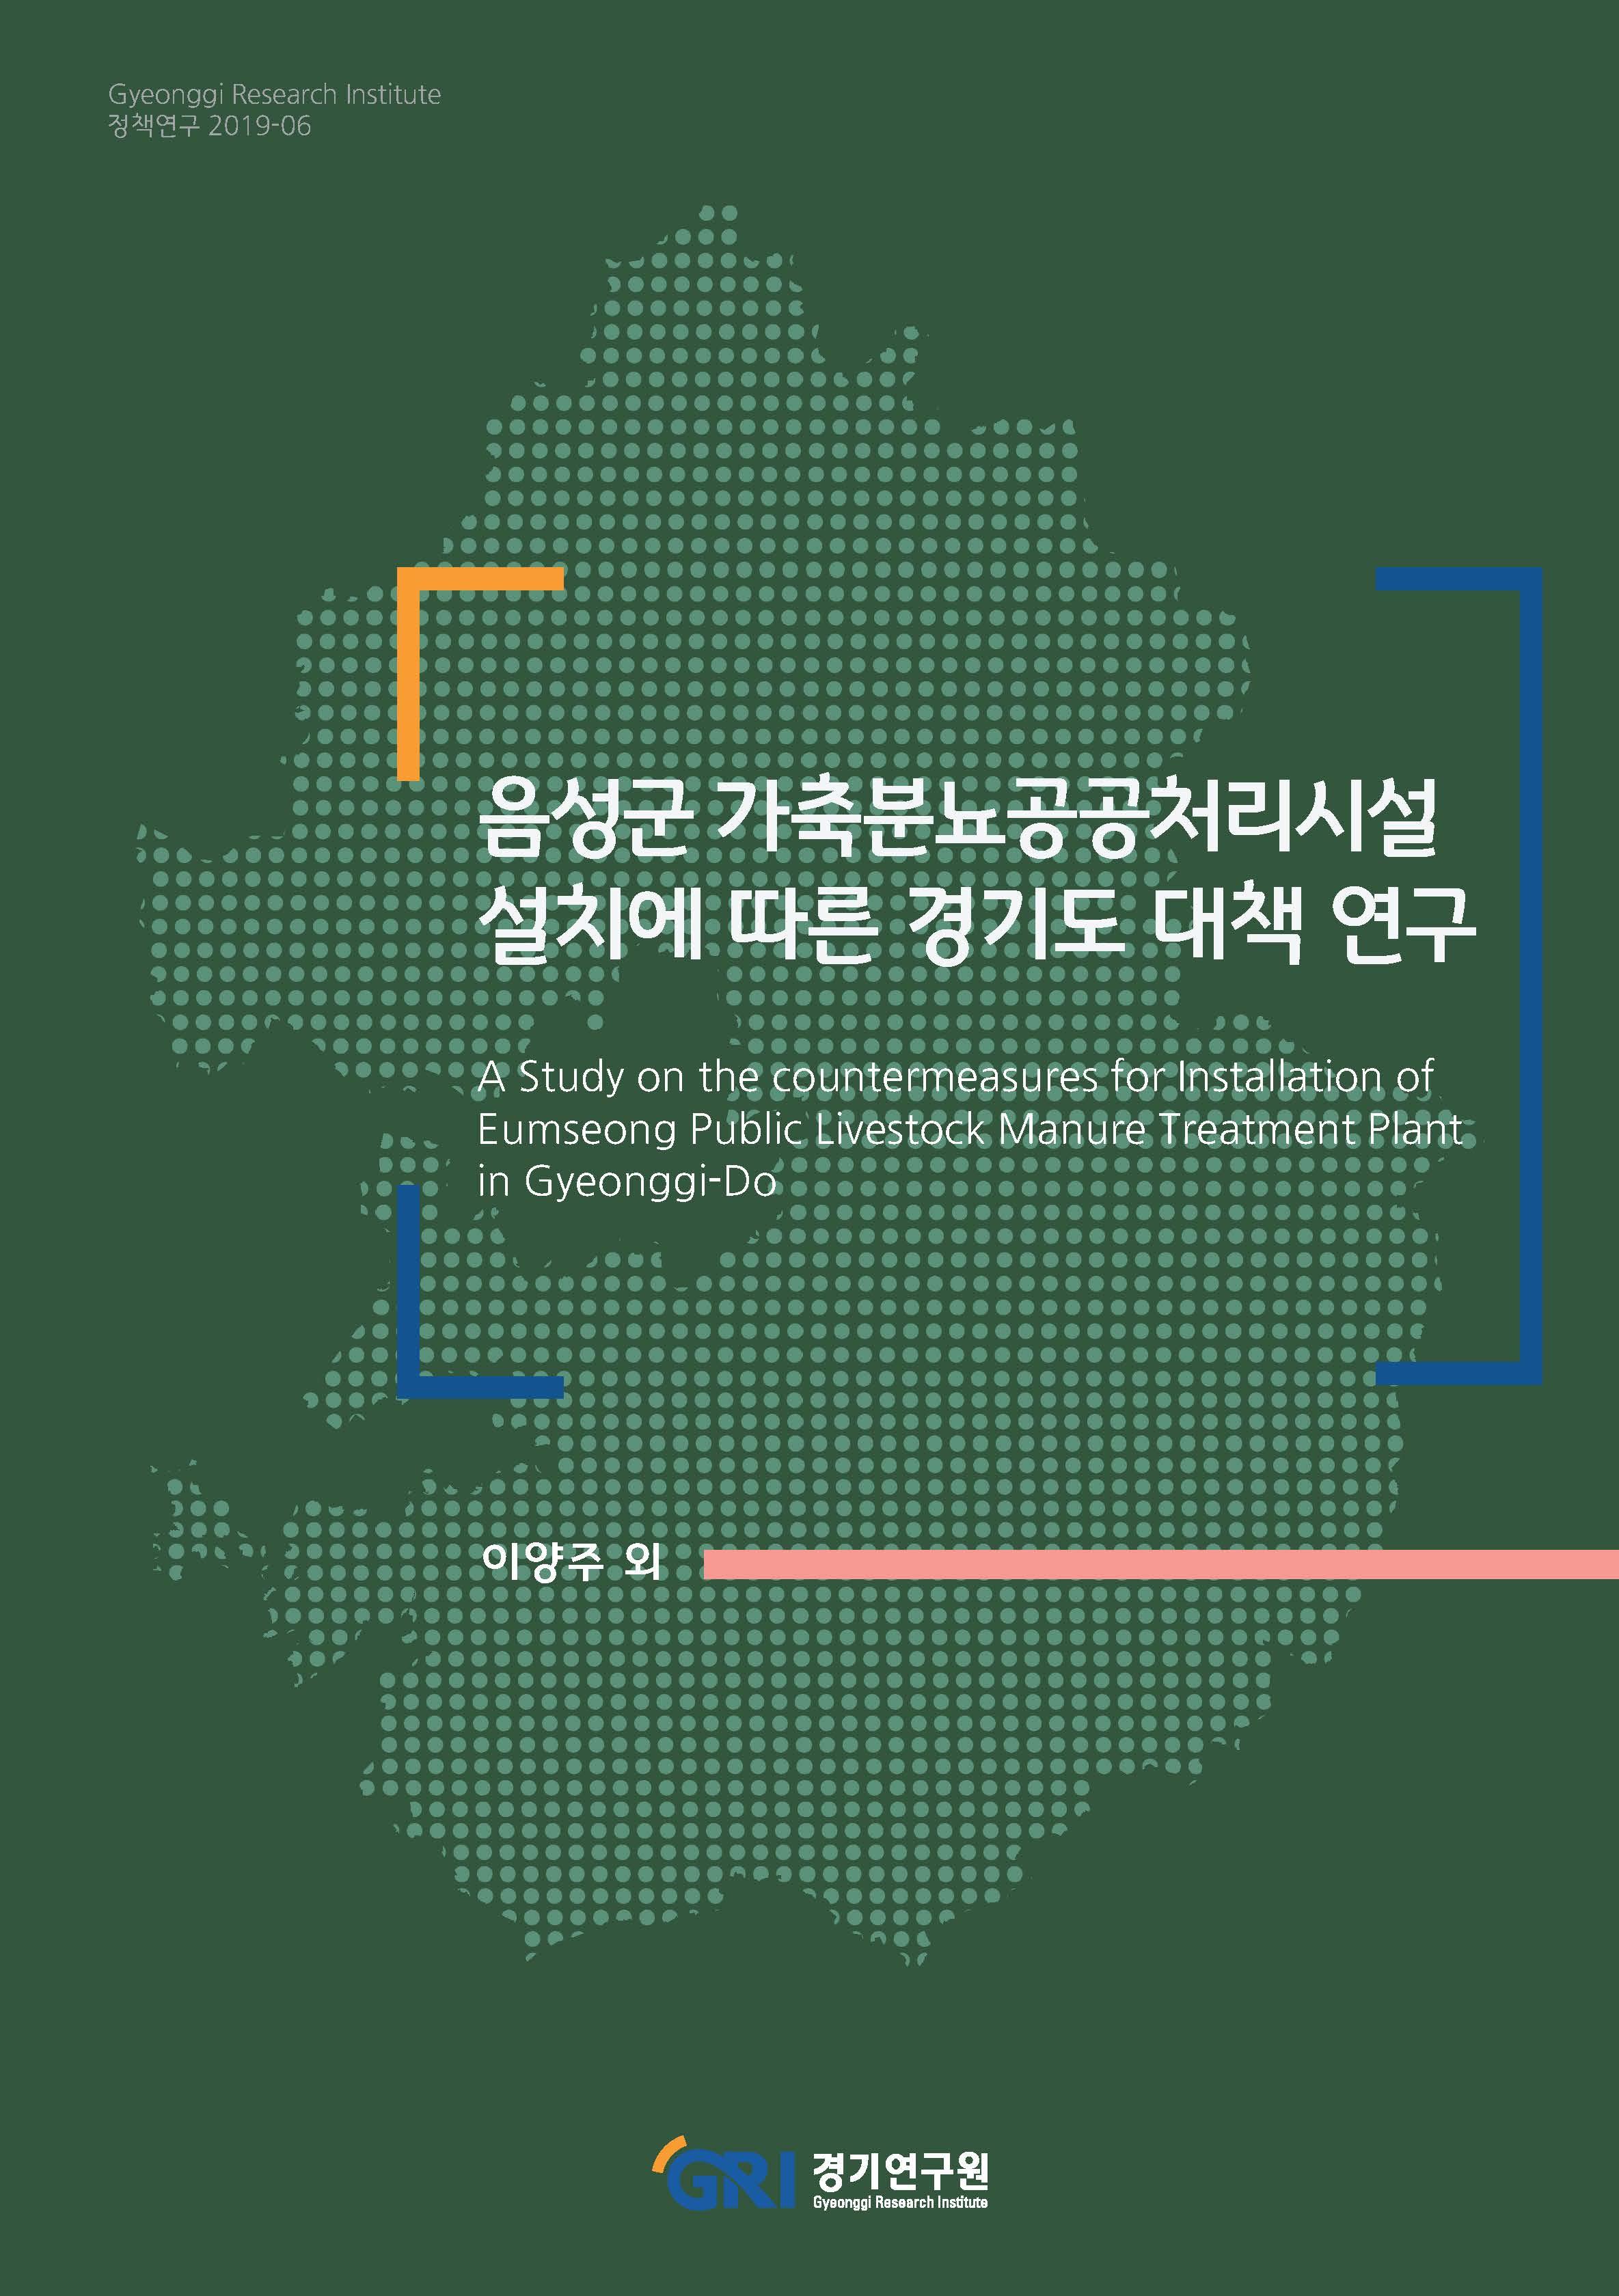 음성군 가축분뇨공공처리시설 설치에 따른 경기도 대책 연구